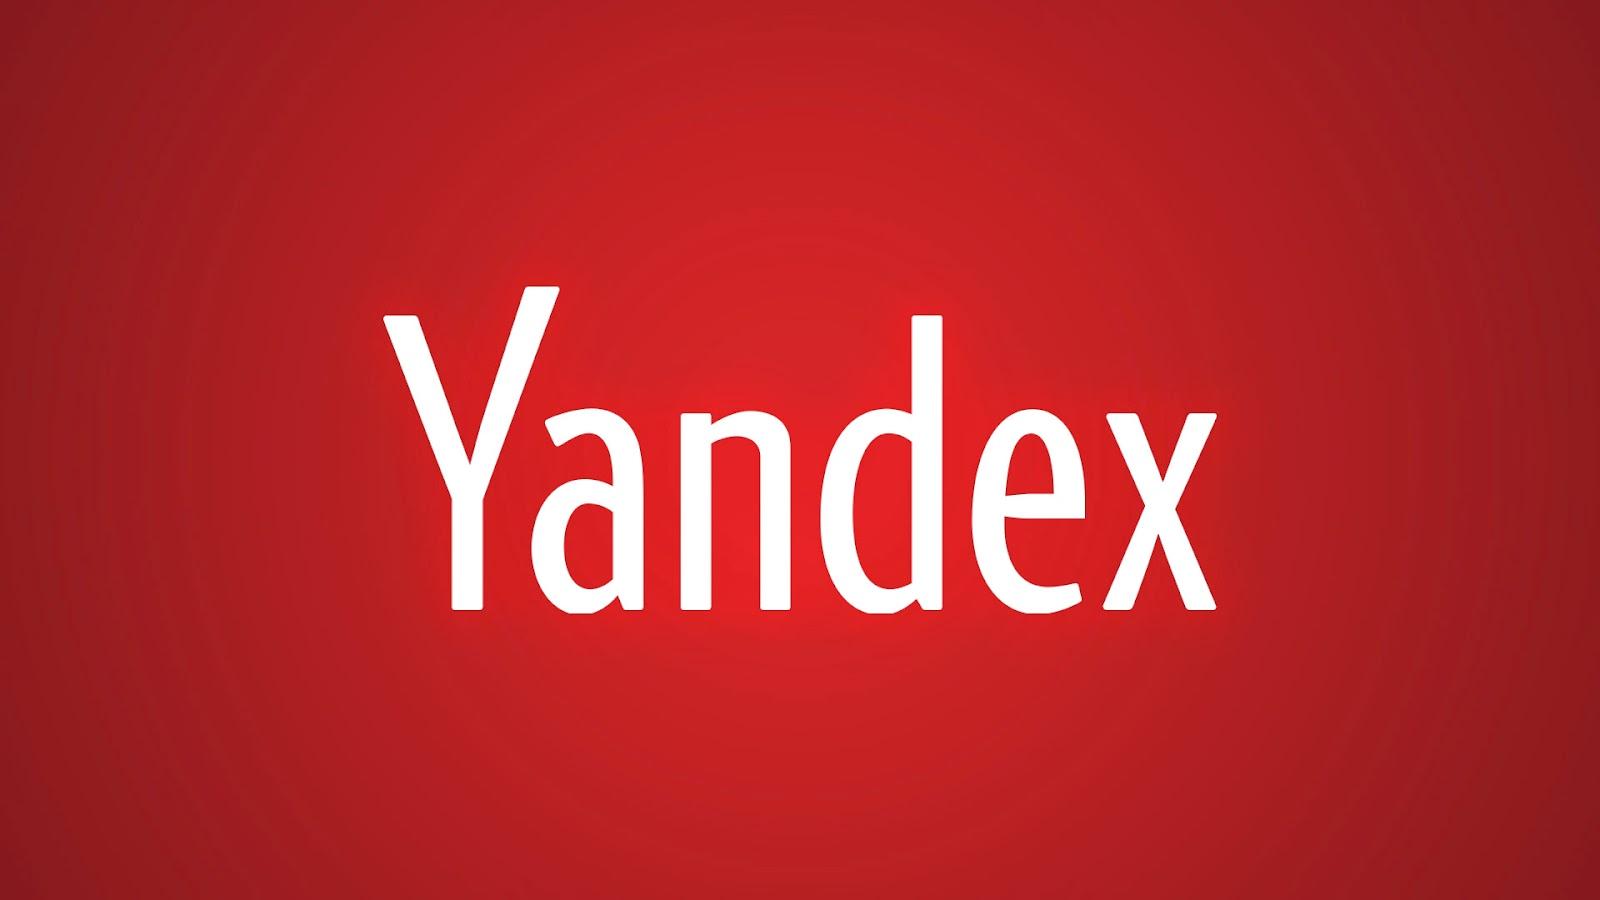 Самый популярный подарок на 8 марта по версии Яндекса